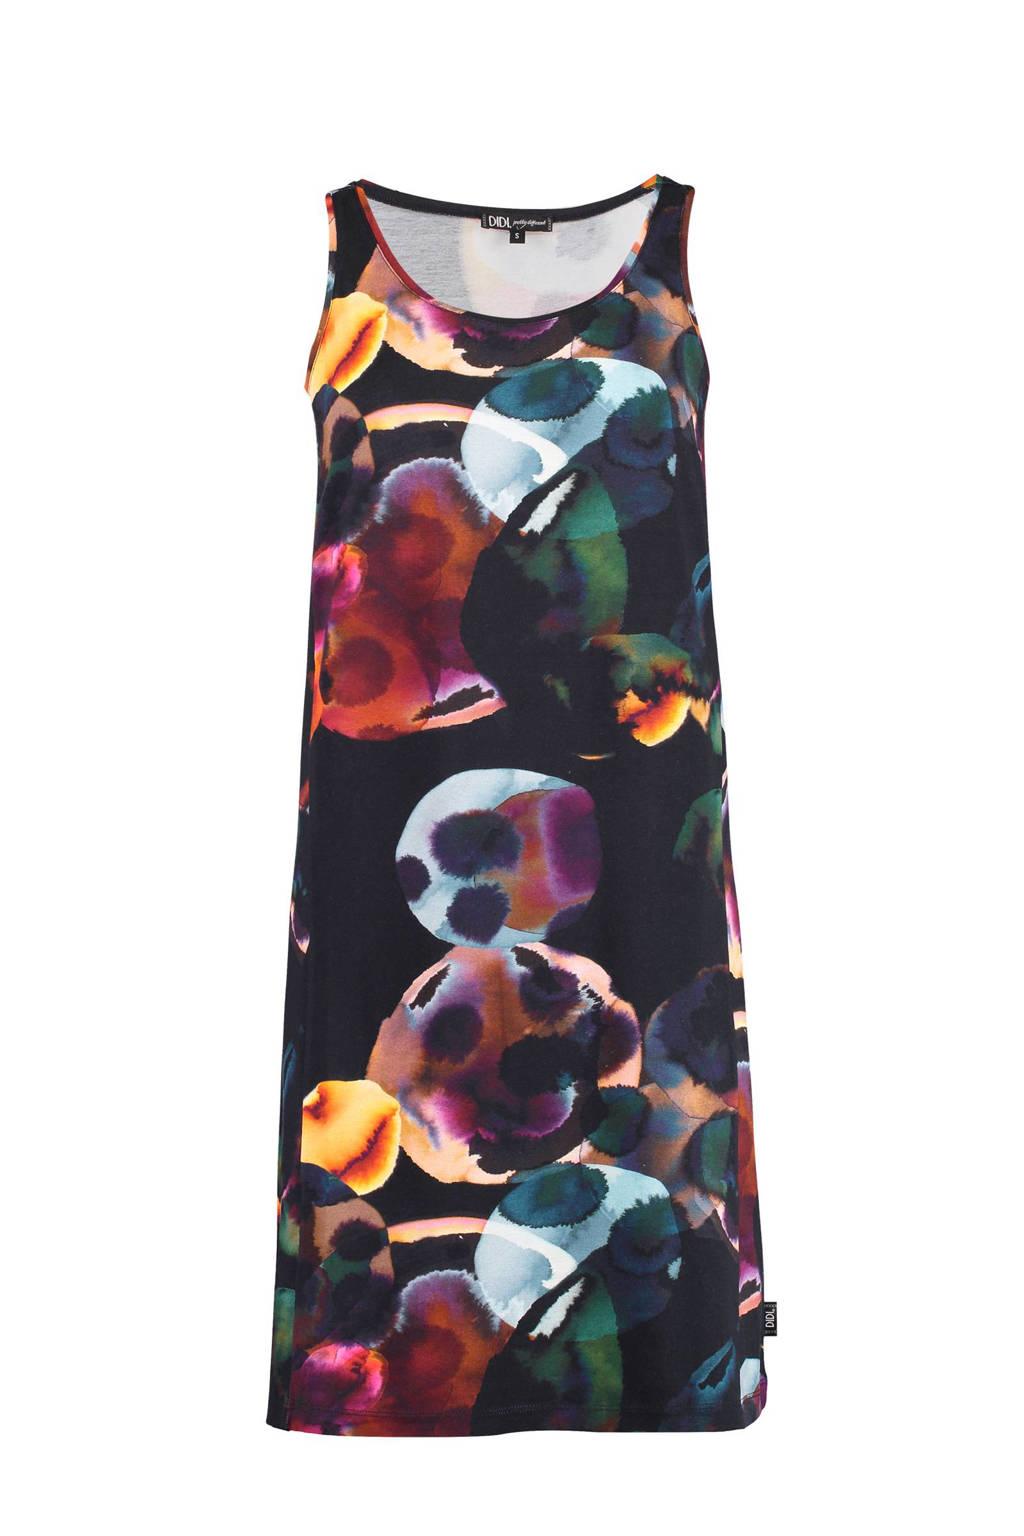 Didi A-lijn jurk met ecoline print, Zwart/rood